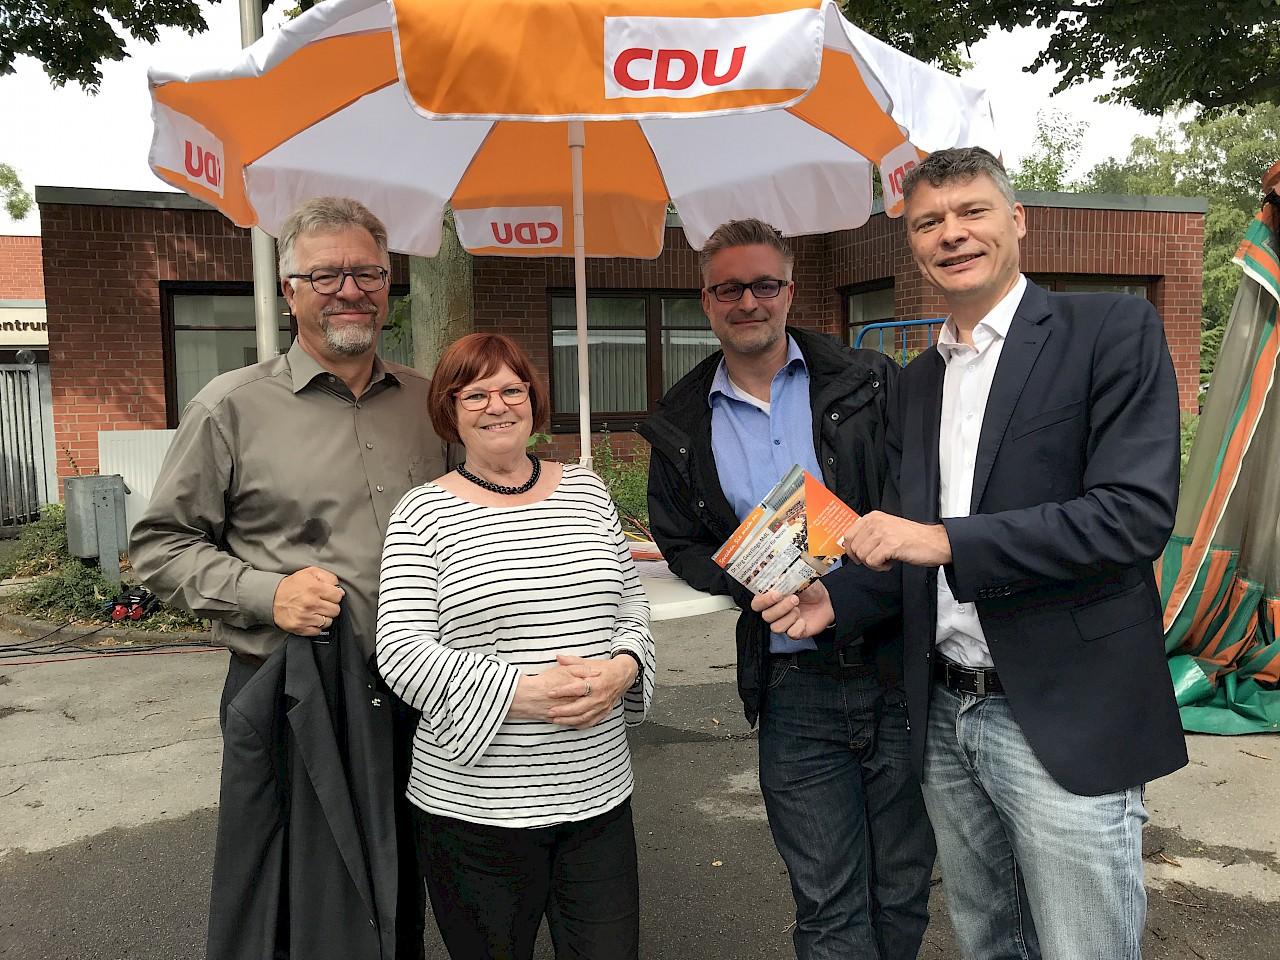 v.l.n.r. Dieter W. Welsink, Gisela Knauf, Stefan Pauly, Dr. Jörg Geerlings MdL